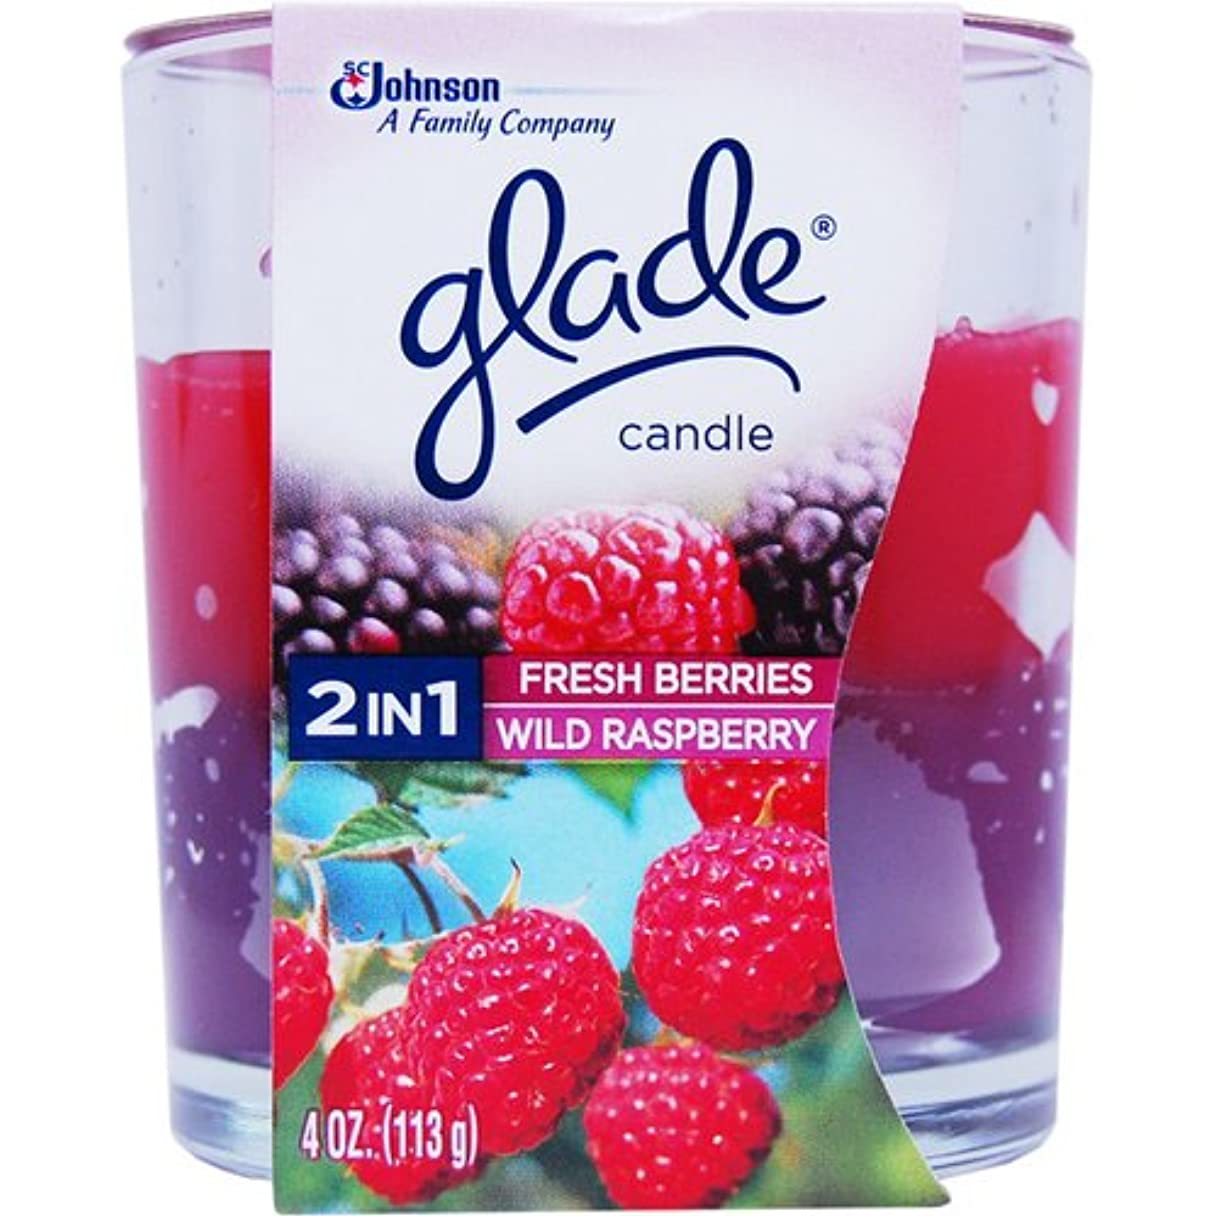 脆い熟達なにグレードキャンドル 2in1 (フレッシュベリー&ワイルドラズベリー)